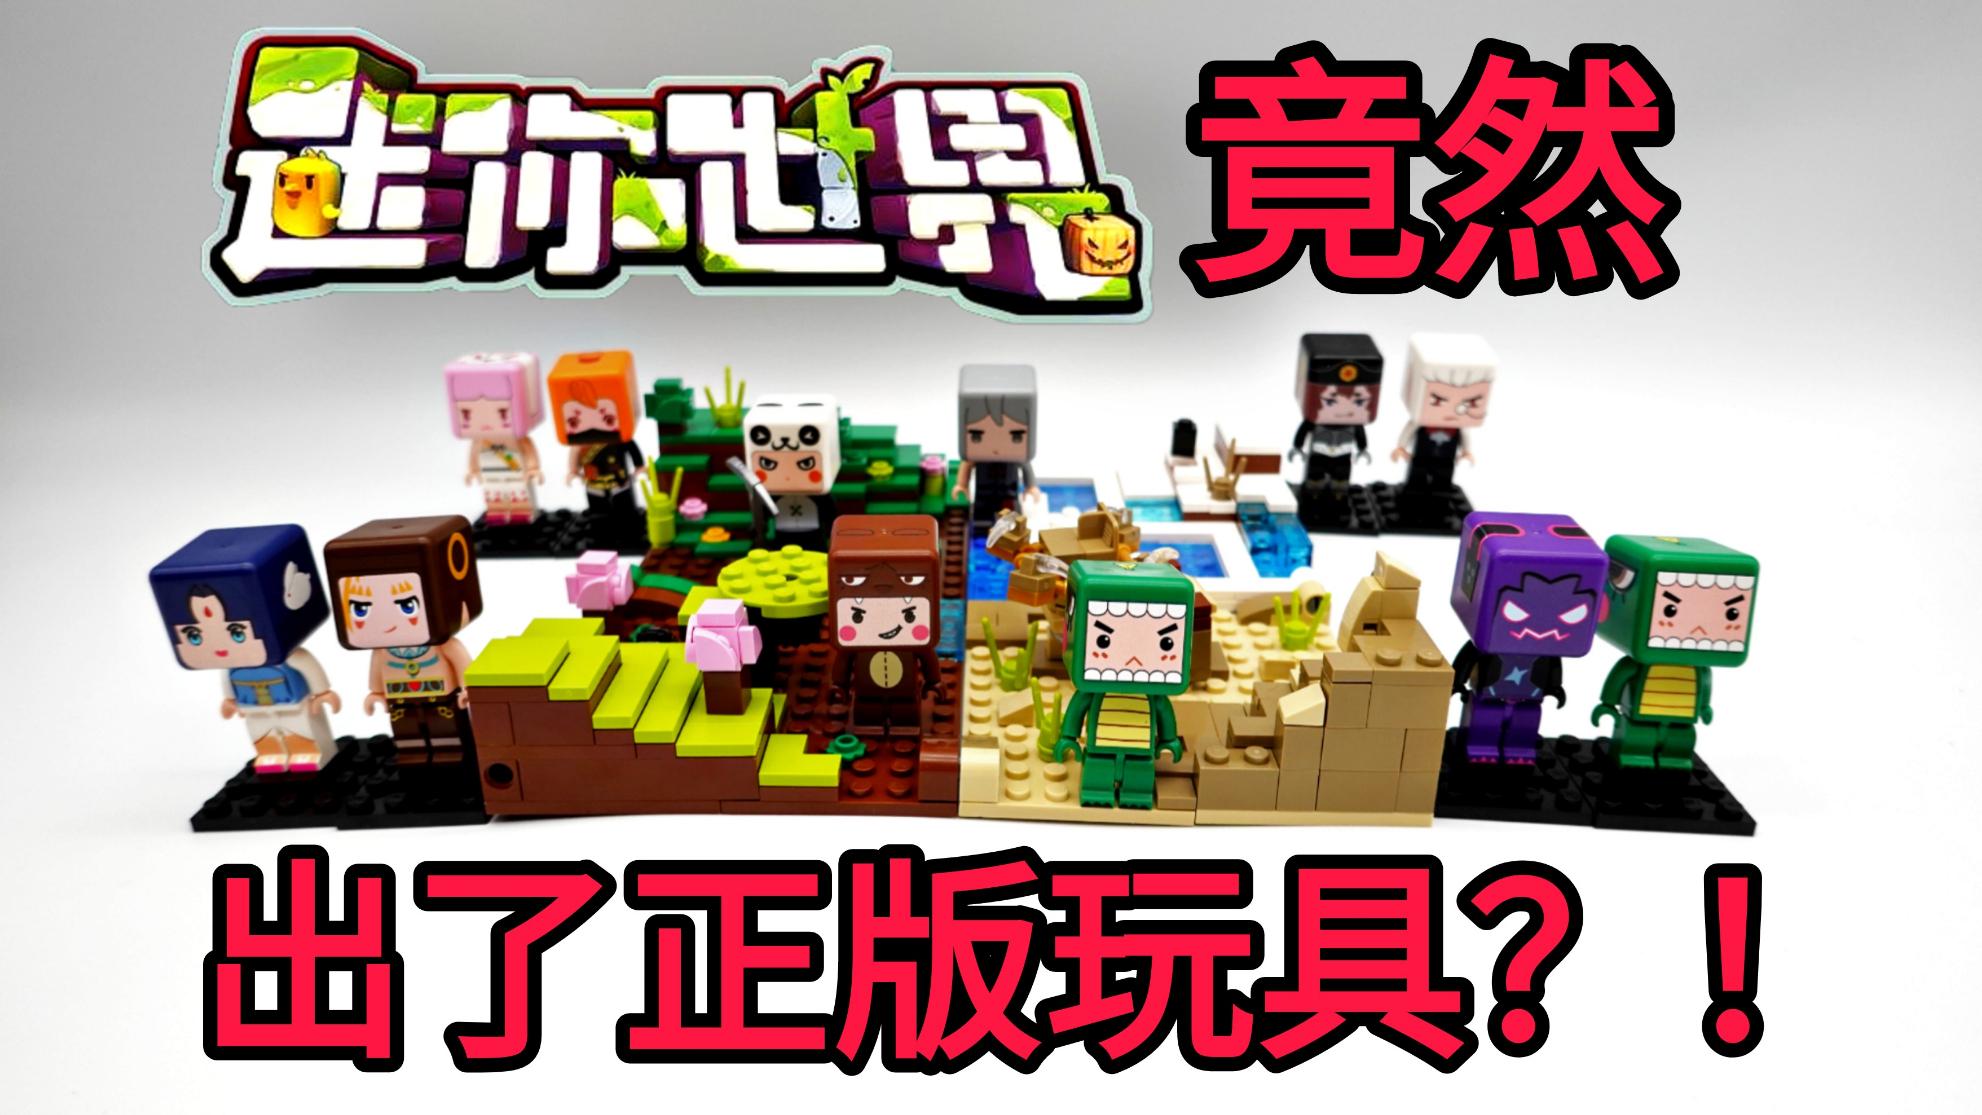 【超A新生计划】迷你世界居然出了正版玩具,这玩意真的会有人买吗???